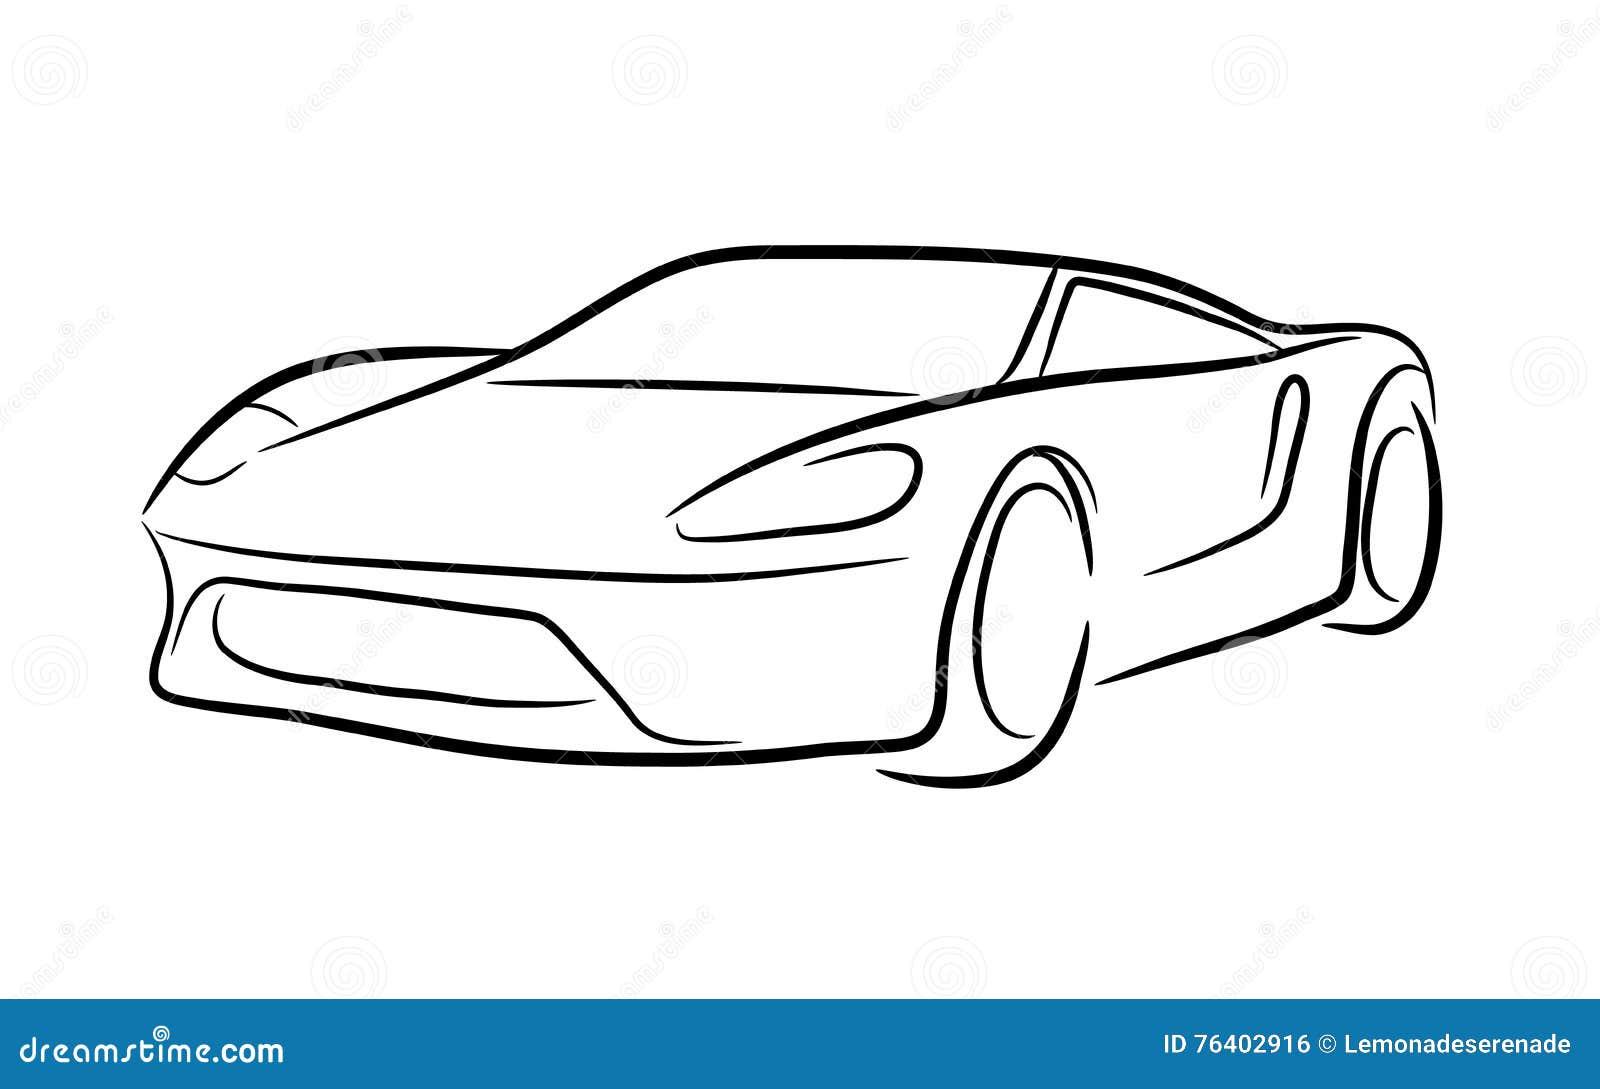 Exotischer Auto-Entwurf vektor abbildung. Illustration von exotisch ...